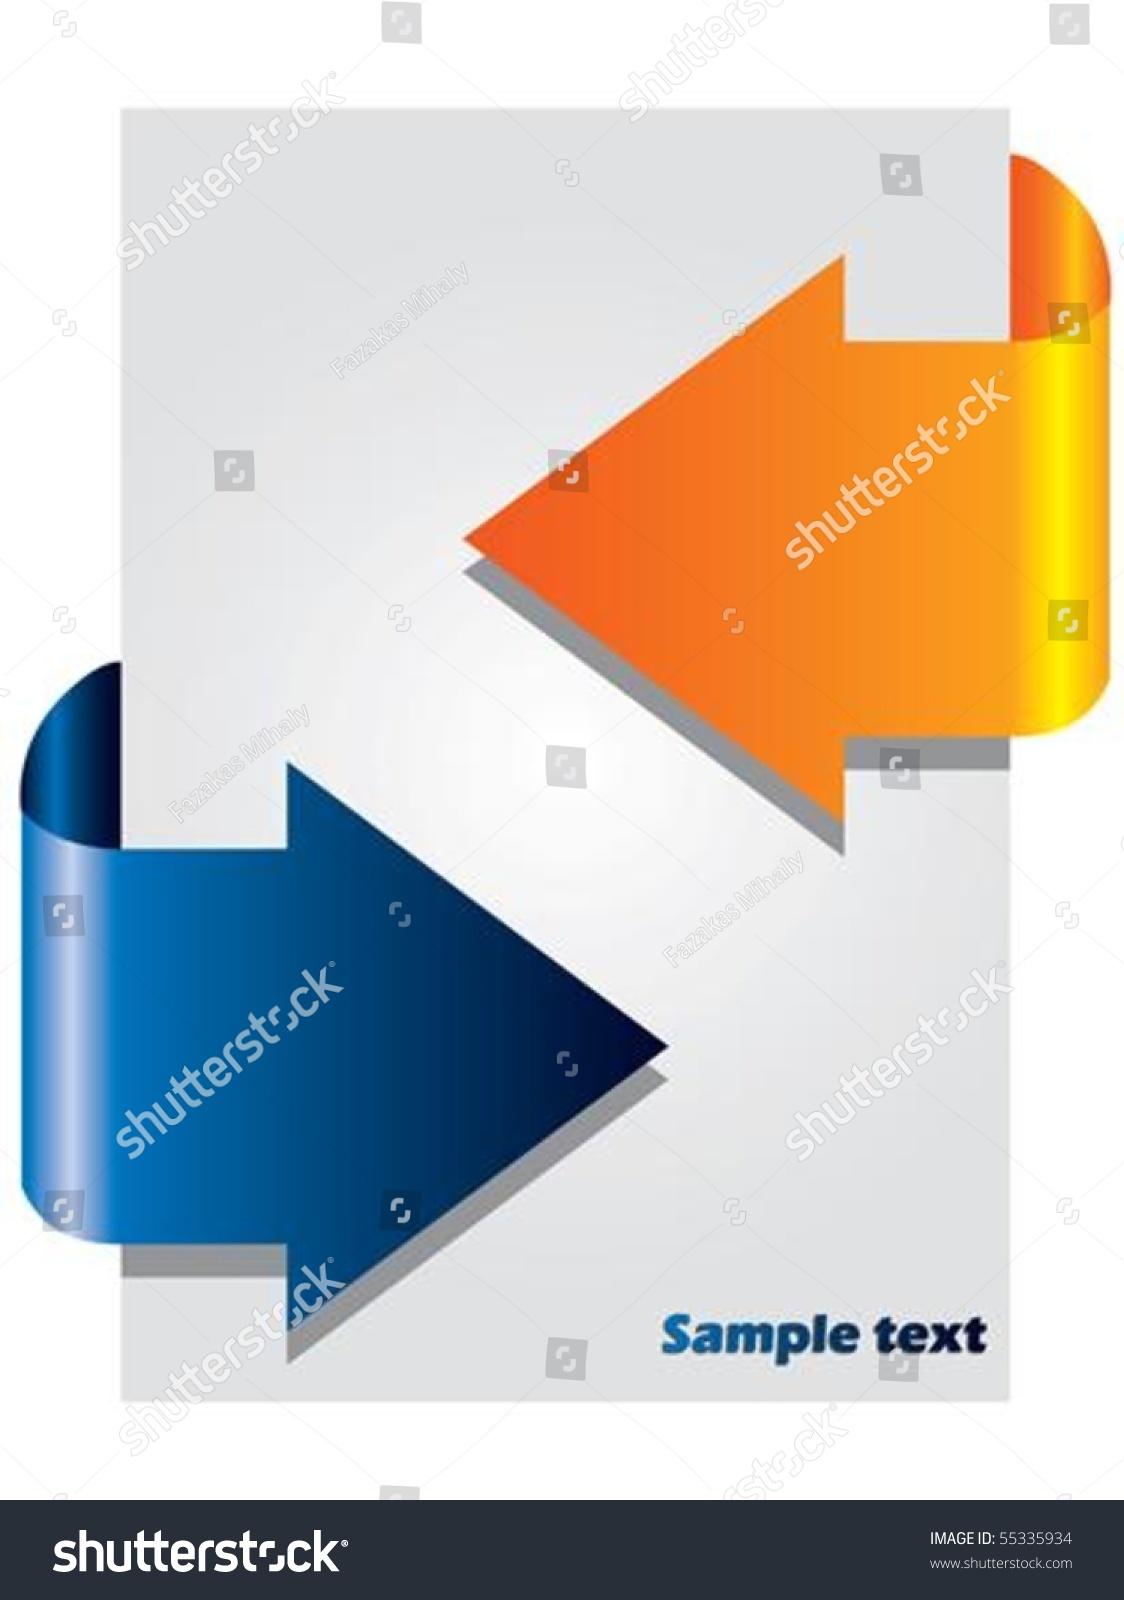 双色箭头小册子-背景/素材,插图/剪贴图-海洛创意()-.